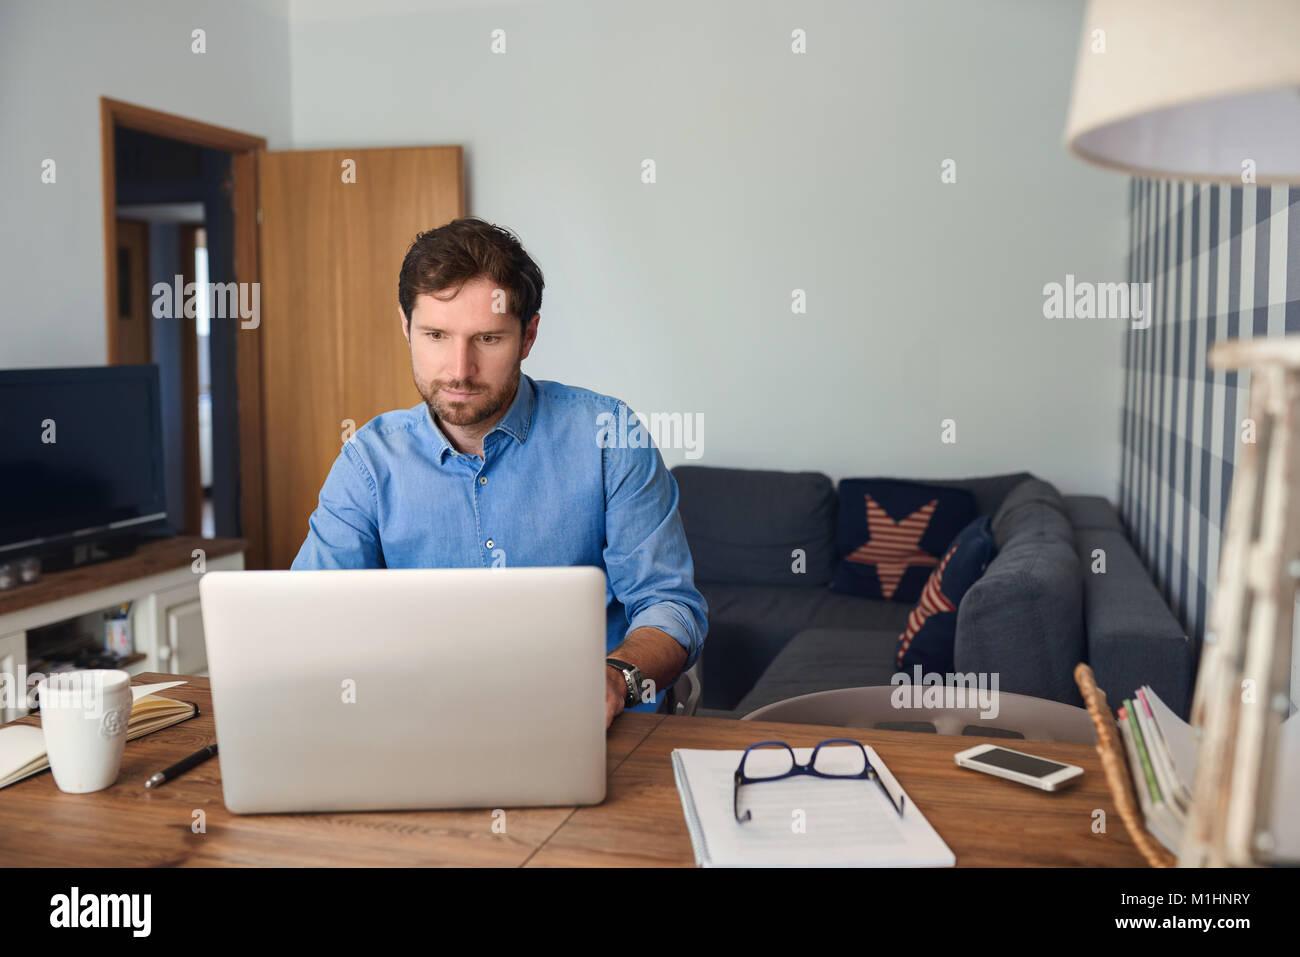 Junge Menschen, die von zu Hause aus arbeiten auf einem Laptop Stockbild